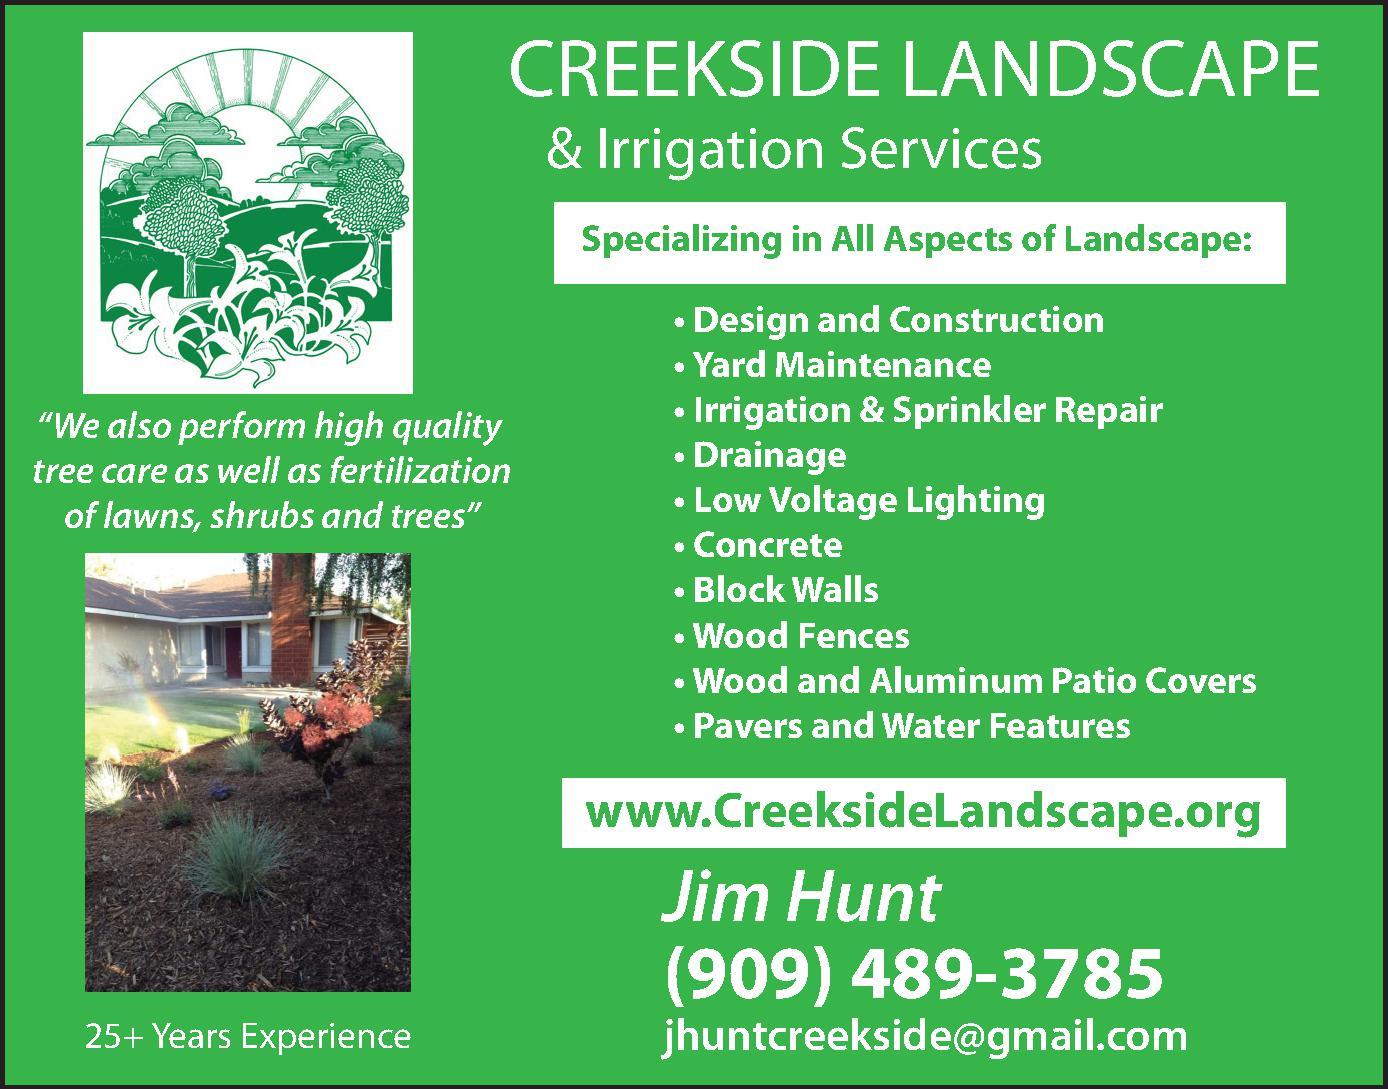 Creekside Landscape & Irrigation Services